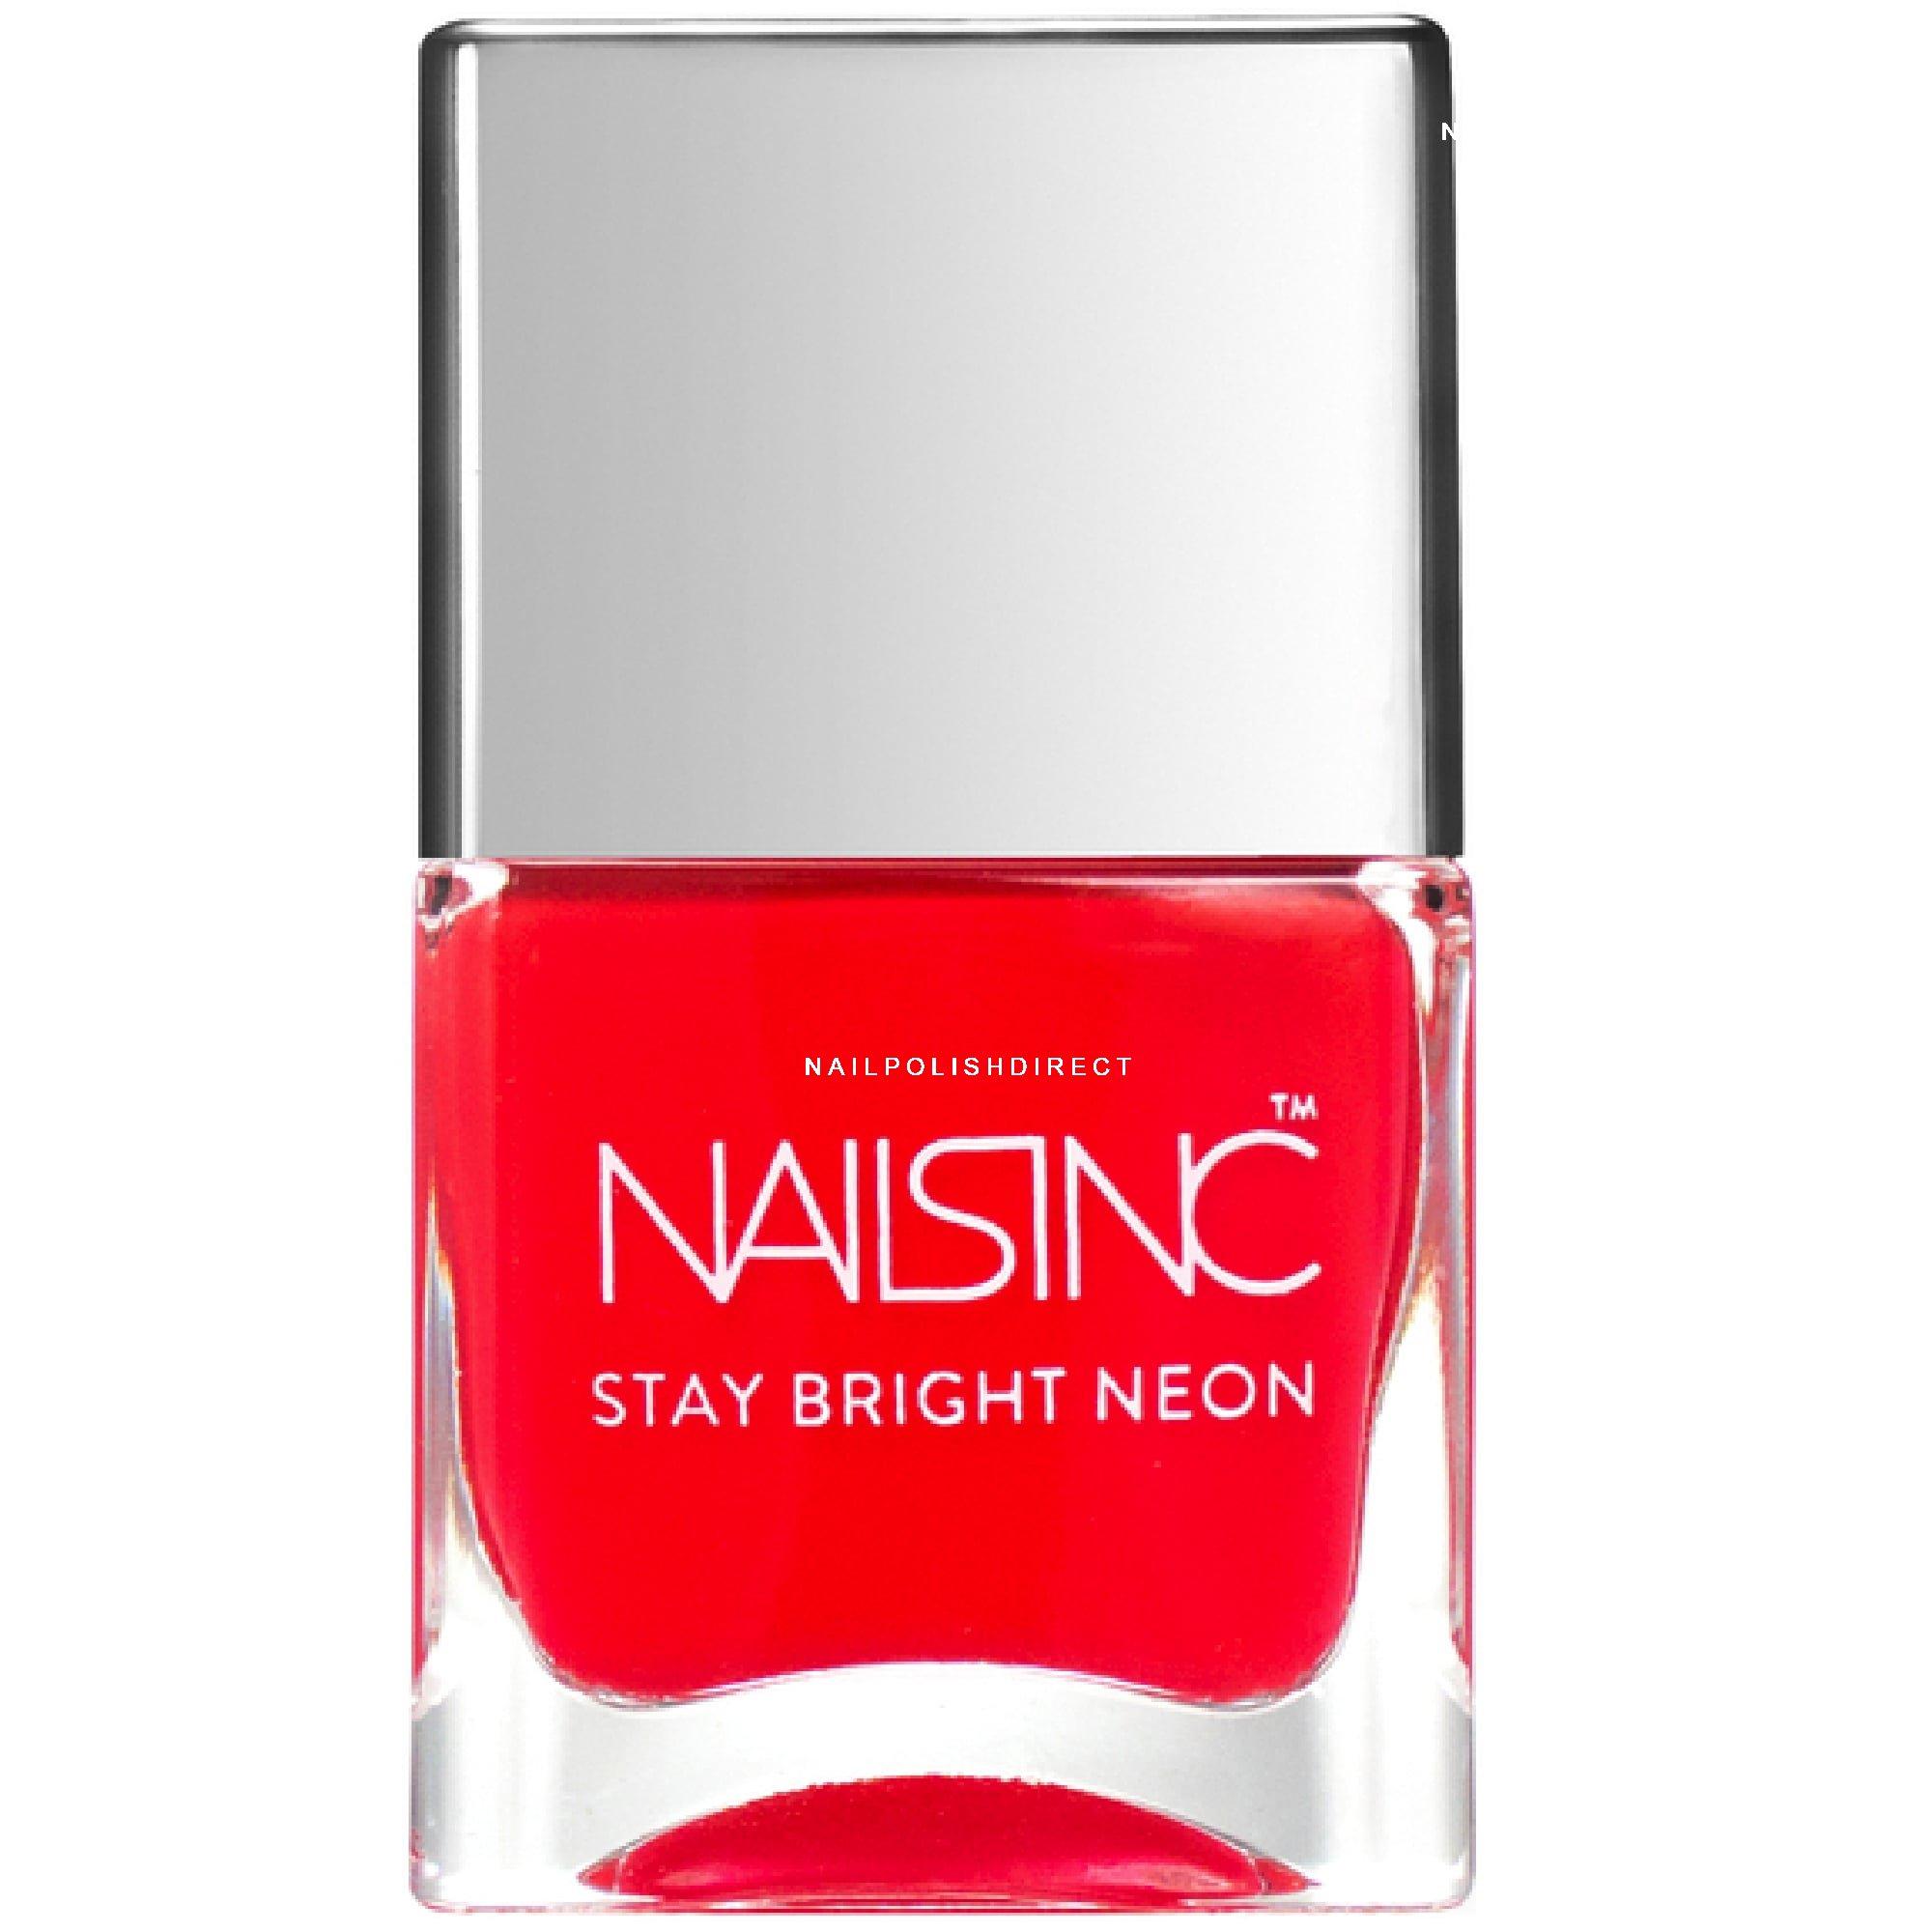 Neon Nail Polish Uk: Nails Inc Stay Bright Neon Polish